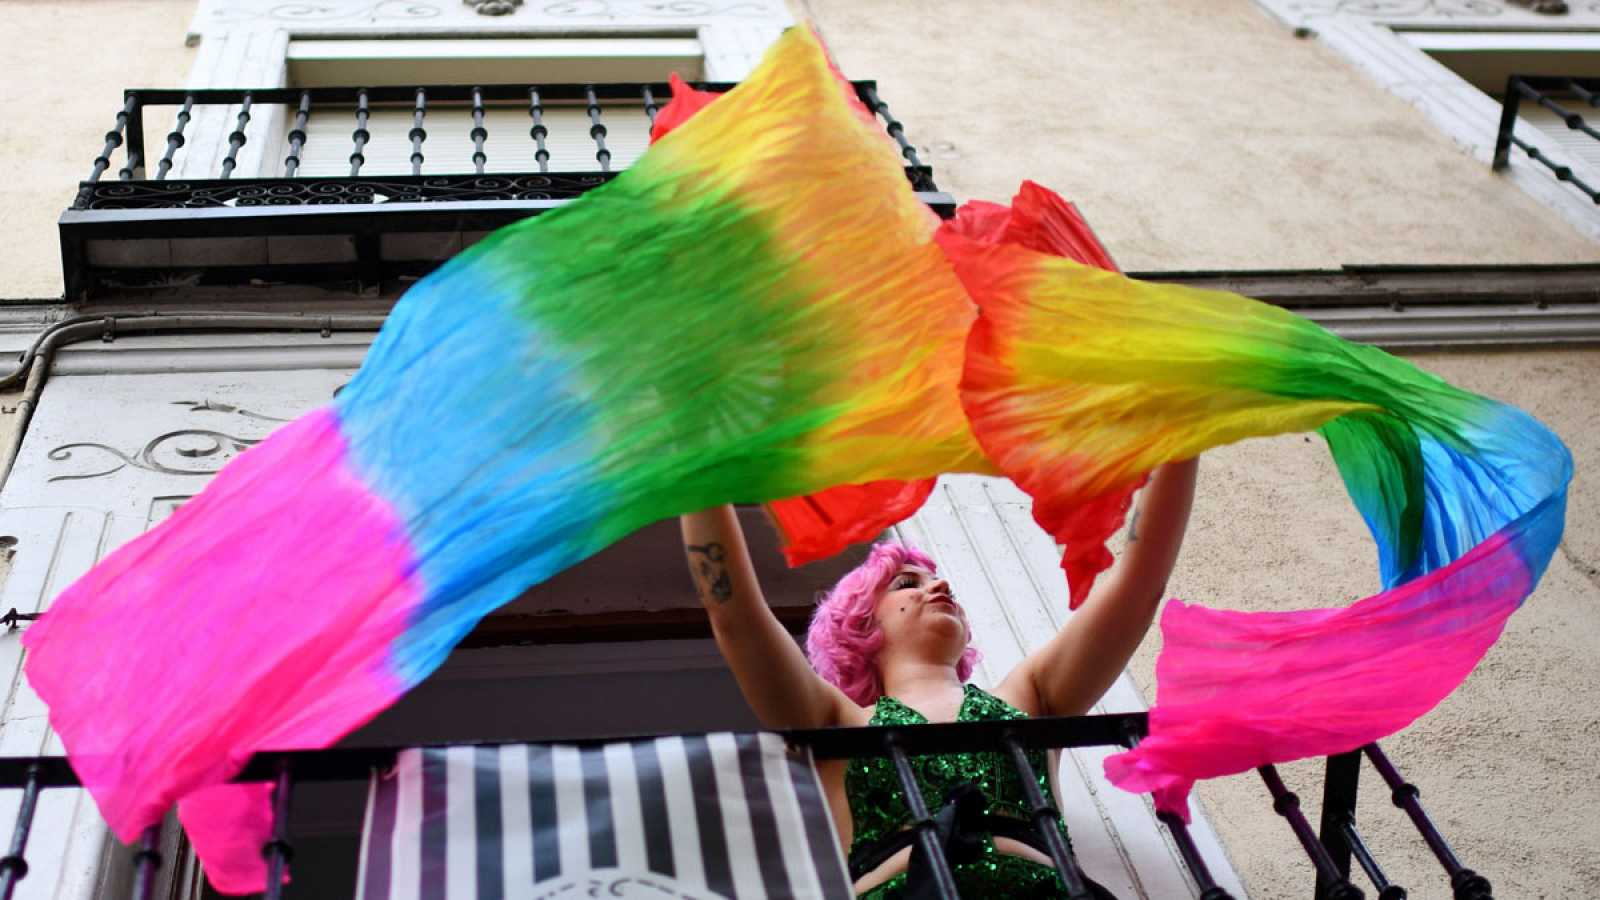 La manifestación del Orgullo recorrerá este sábado el centro de Madrid y rendirá homenaje a los mayores LGTBIQ